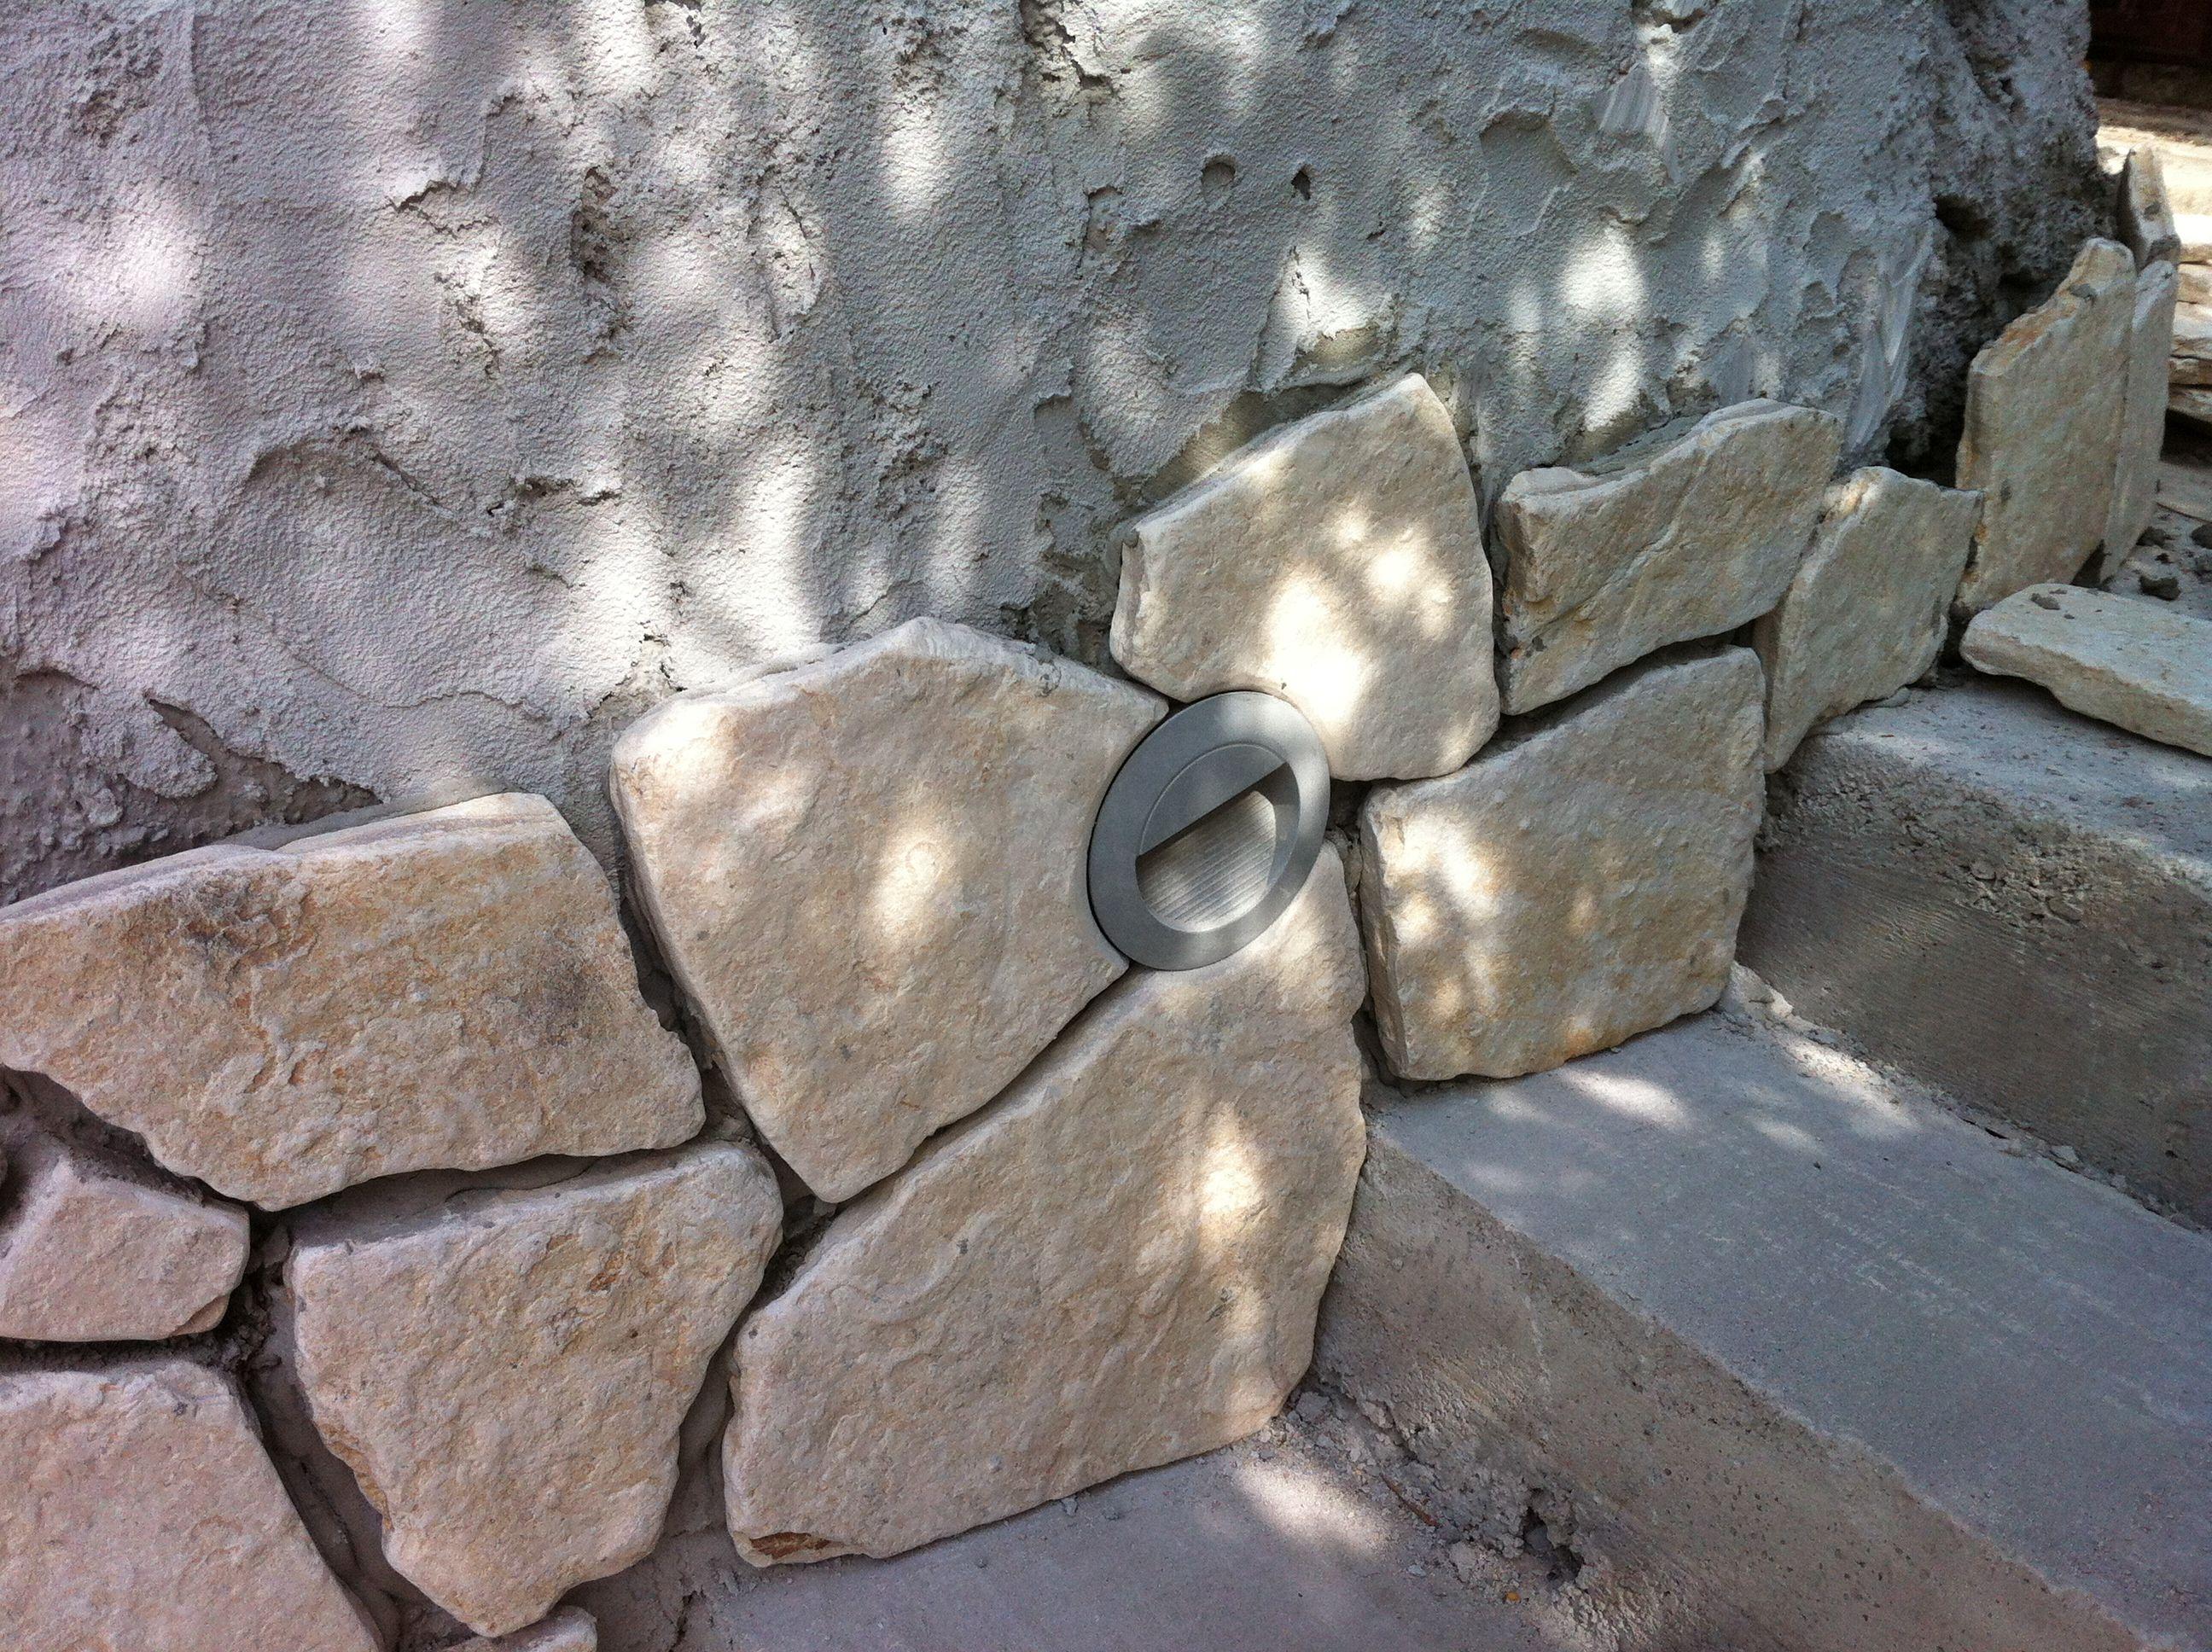 Steinplatten Verlegen Bei Treppe Led Beleuchtung Montiet Pavillon Selber Bauen Led Beleuchtung Steinplatten